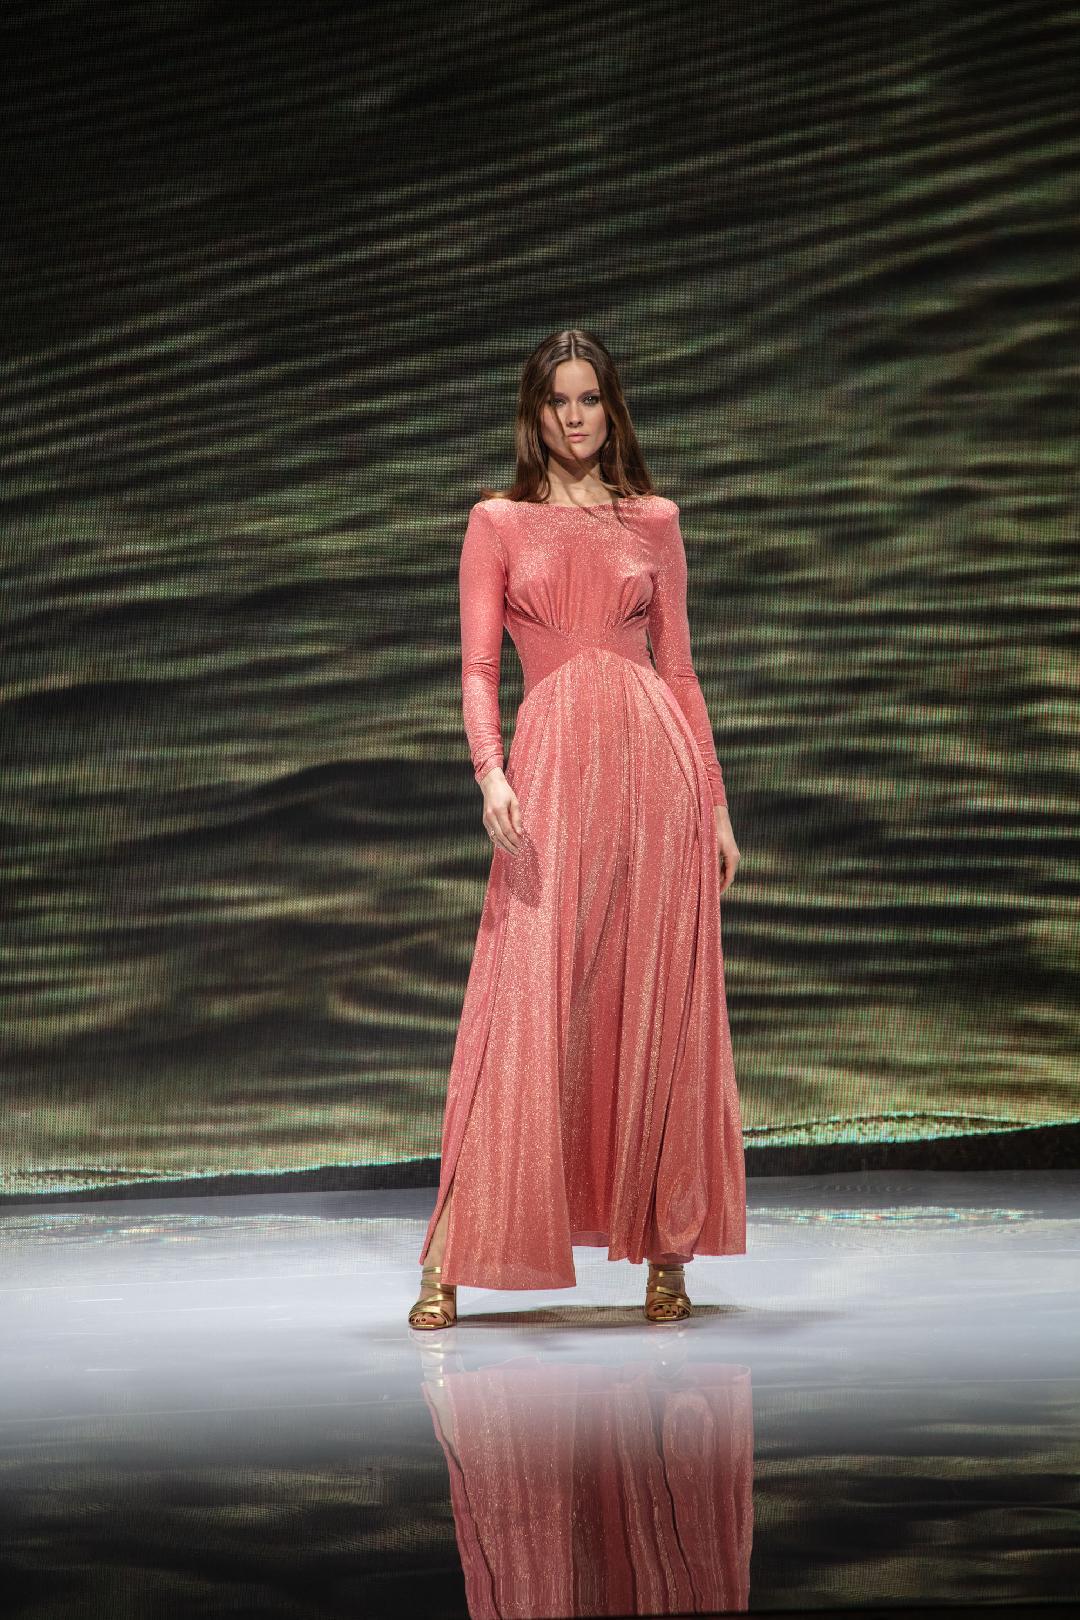 Modivo & Epantofi.ro Supervision Fashion Show – Noile tendințe la un click distanță